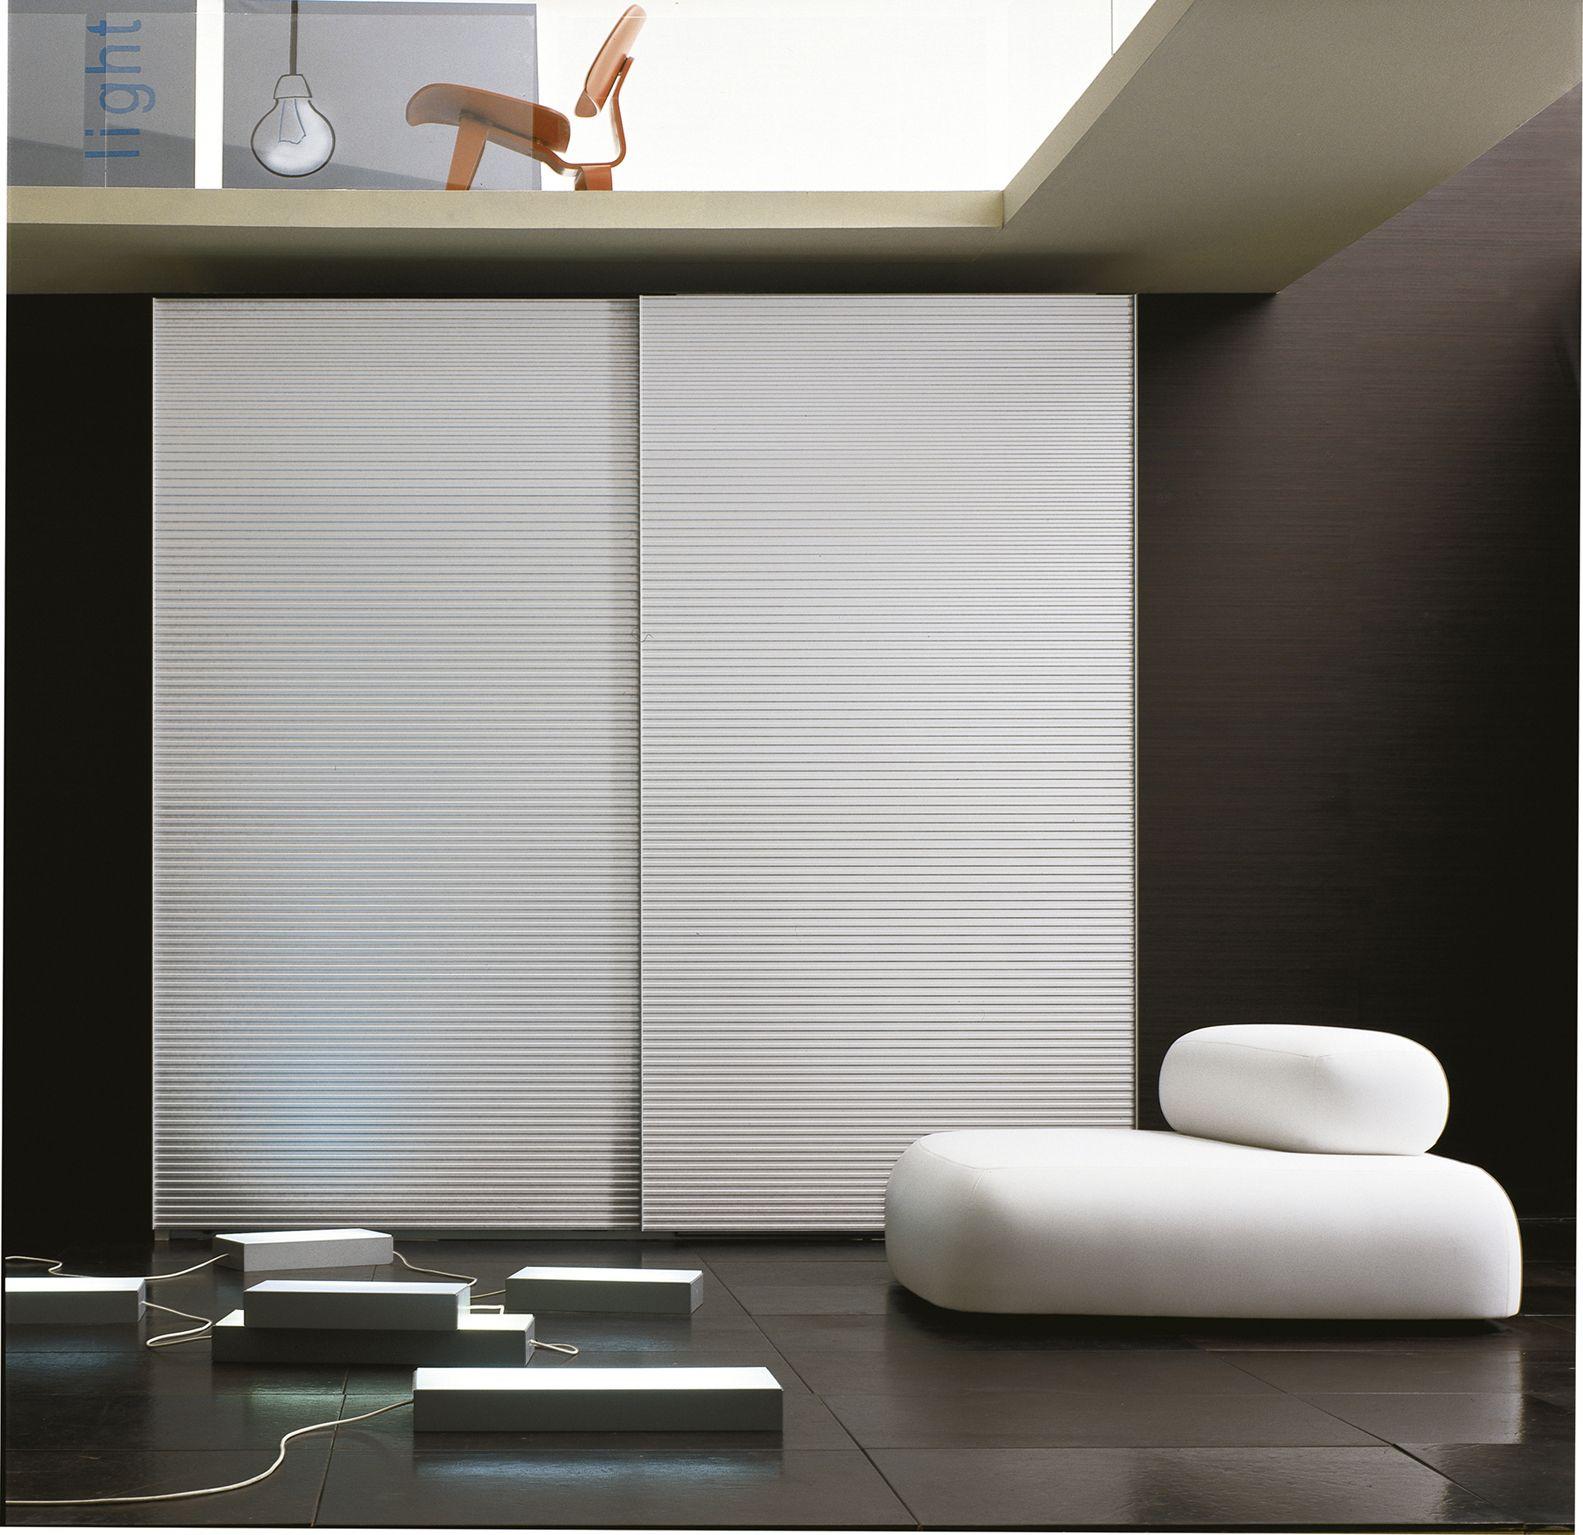 Porte In Alluminio Anodizzato alluminio wardrobe with sliding doors completely covered